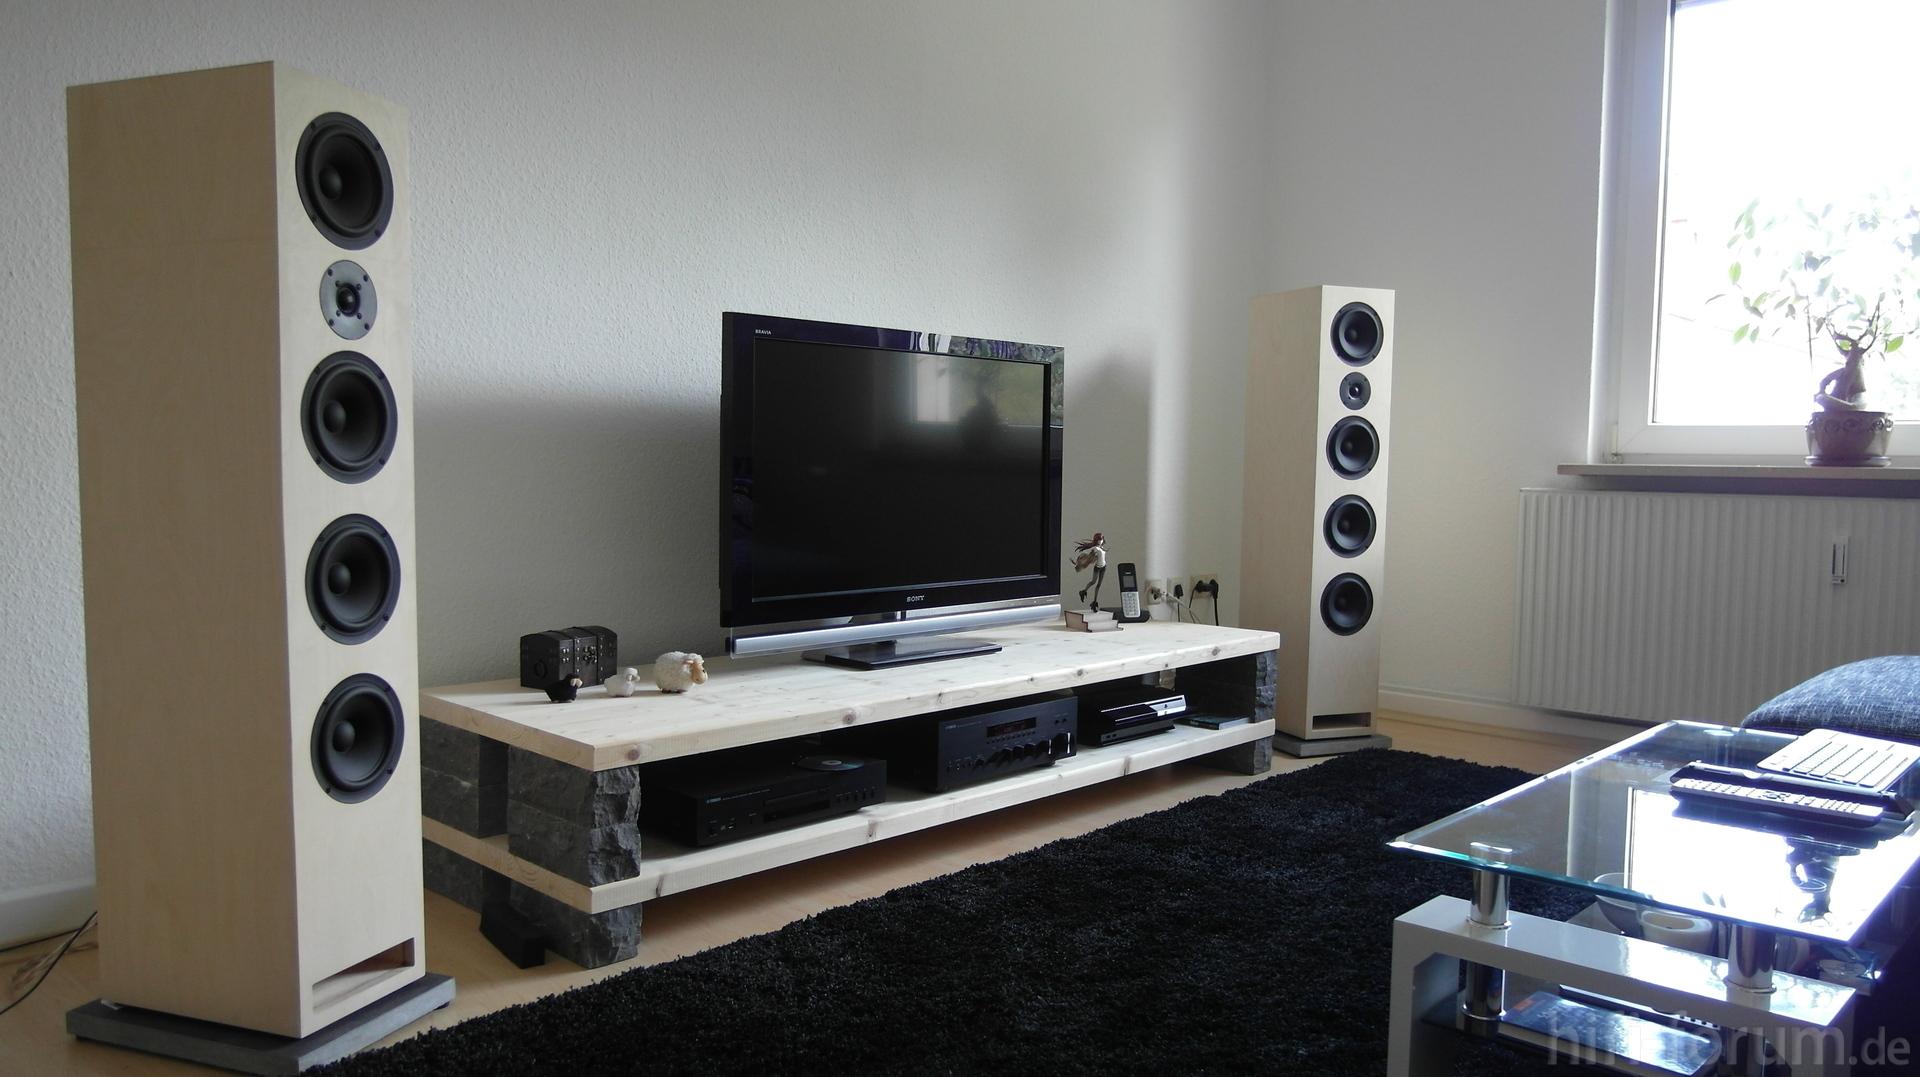 neues wohnzimmer mit sb417 und yamaha sb417 stereo wohnzimmer yamaha hifi. Black Bedroom Furniture Sets. Home Design Ideas